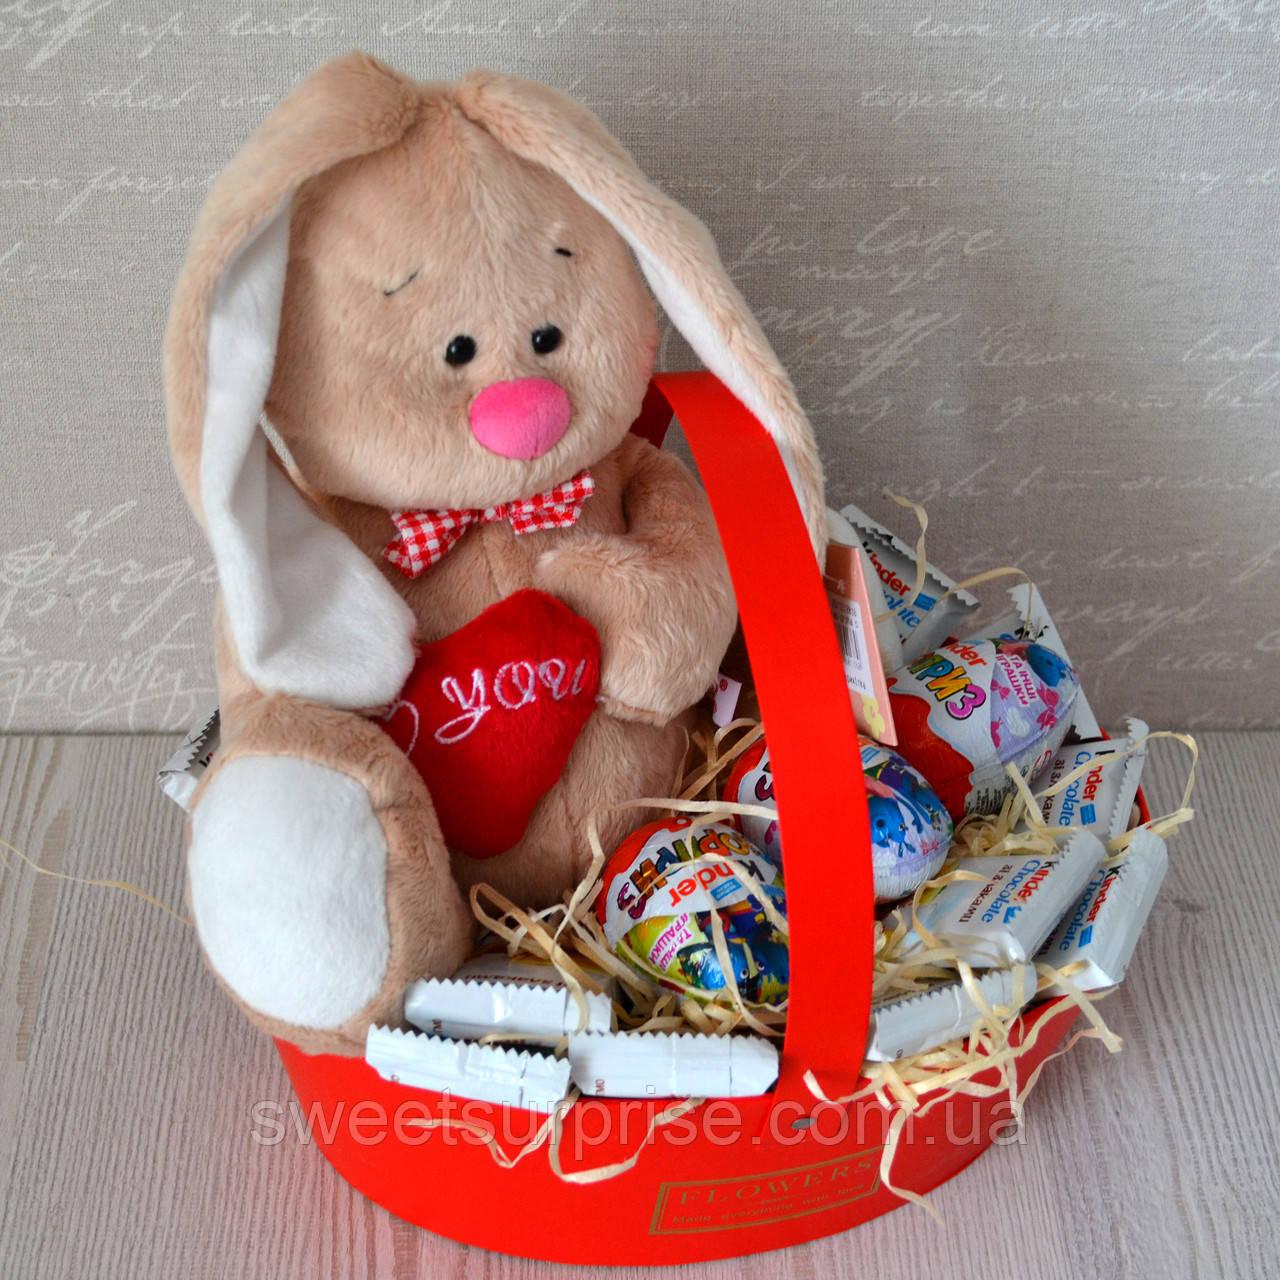 Подарочная корзина на 14 февраля с мягкой игрушкой